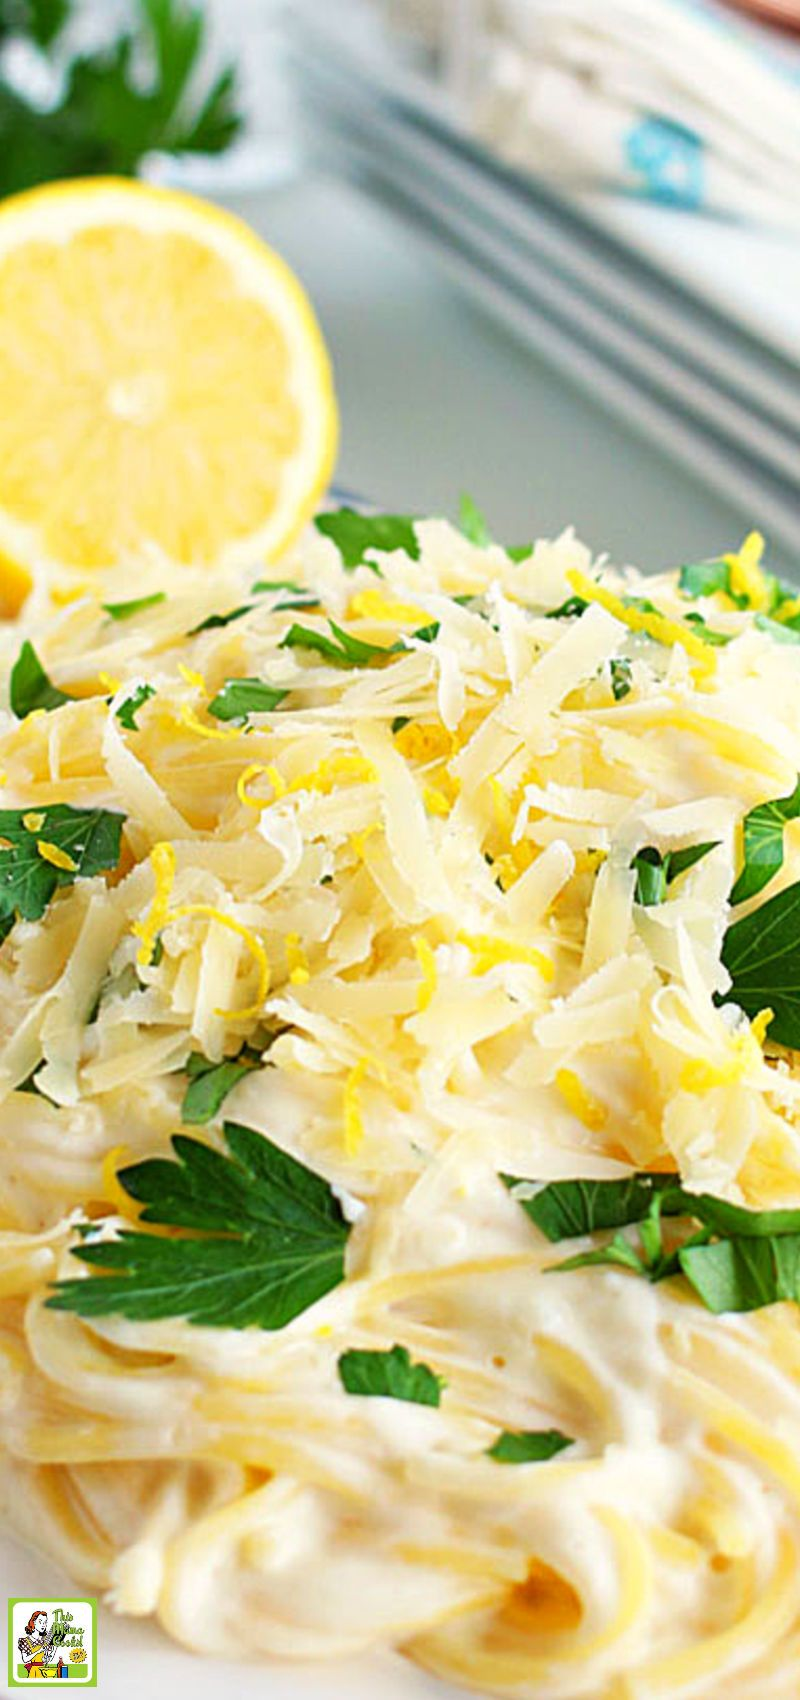 Easy Dinner Ideas Simple Lemon Pasta In 2020 Lemon Pasta Recipes Lemon Pasta Sour Cream Recipes Dinner